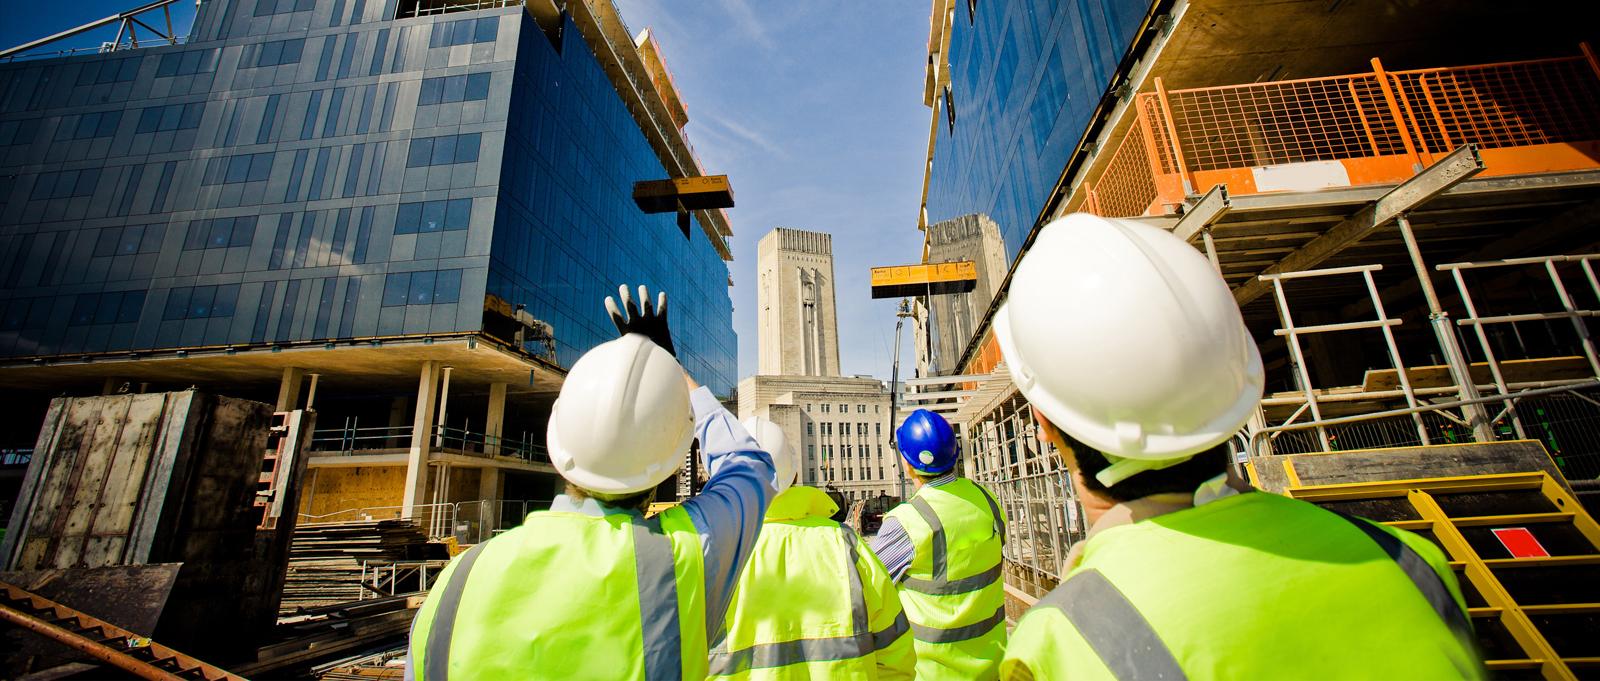 Dịch vụ kinh doanh, xây dựng